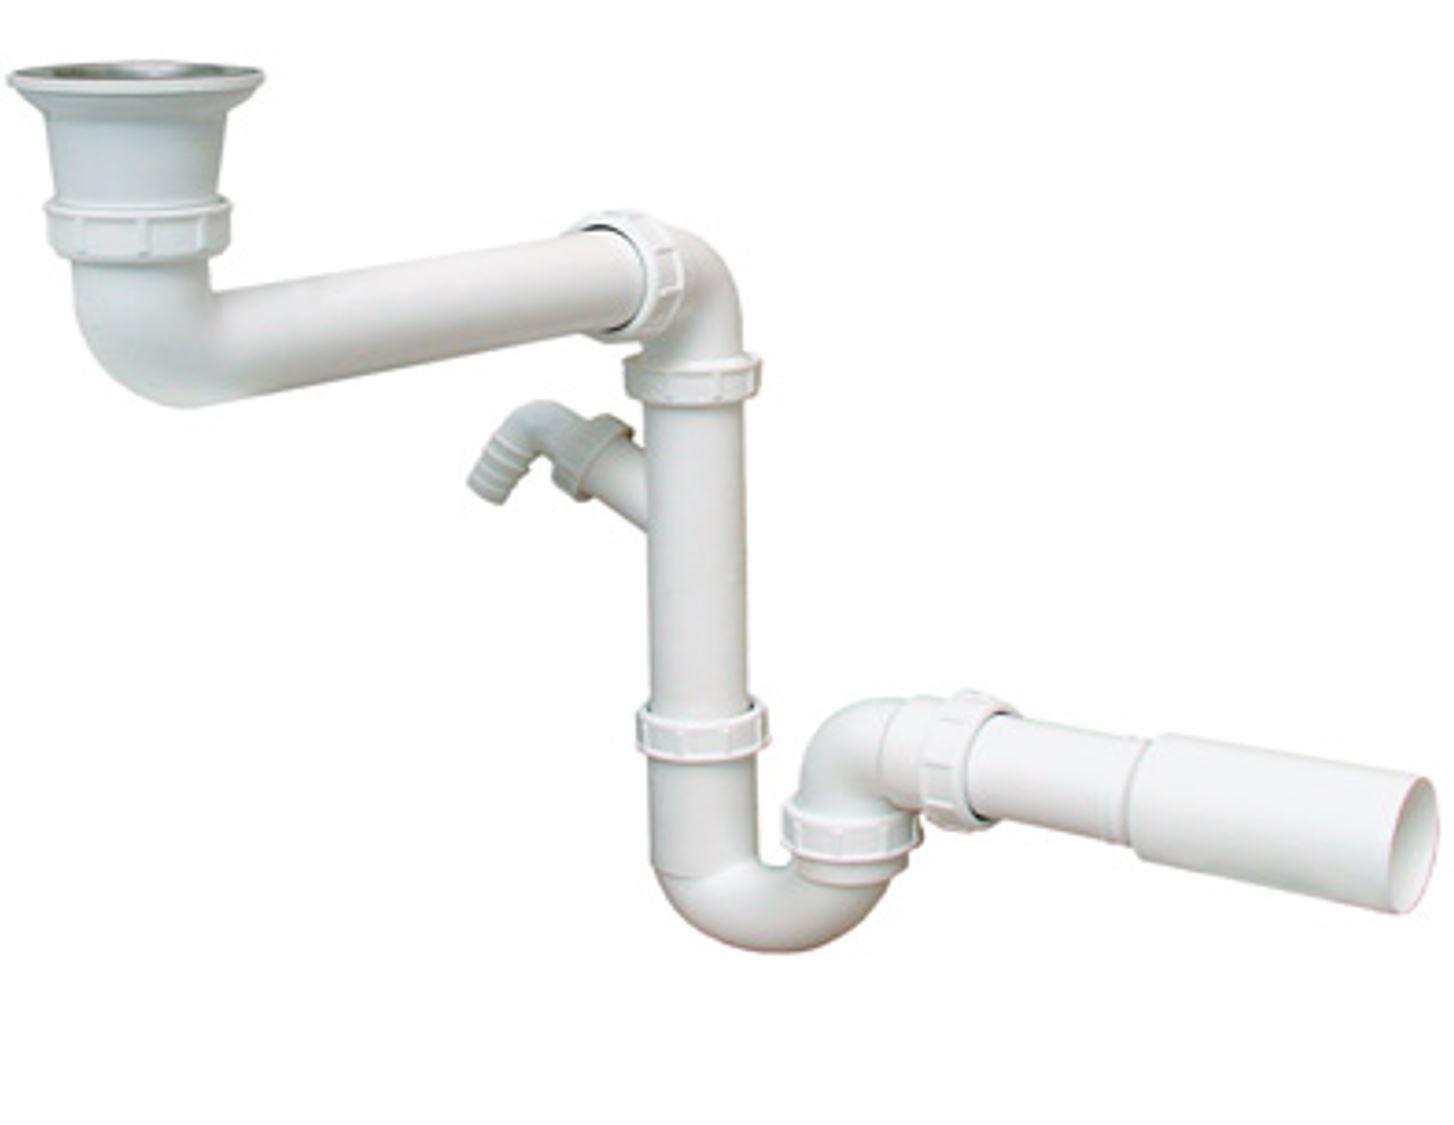 Küchen Ablaufgarnitur Siphon Sifon Küchenspühle geruchsverschluss